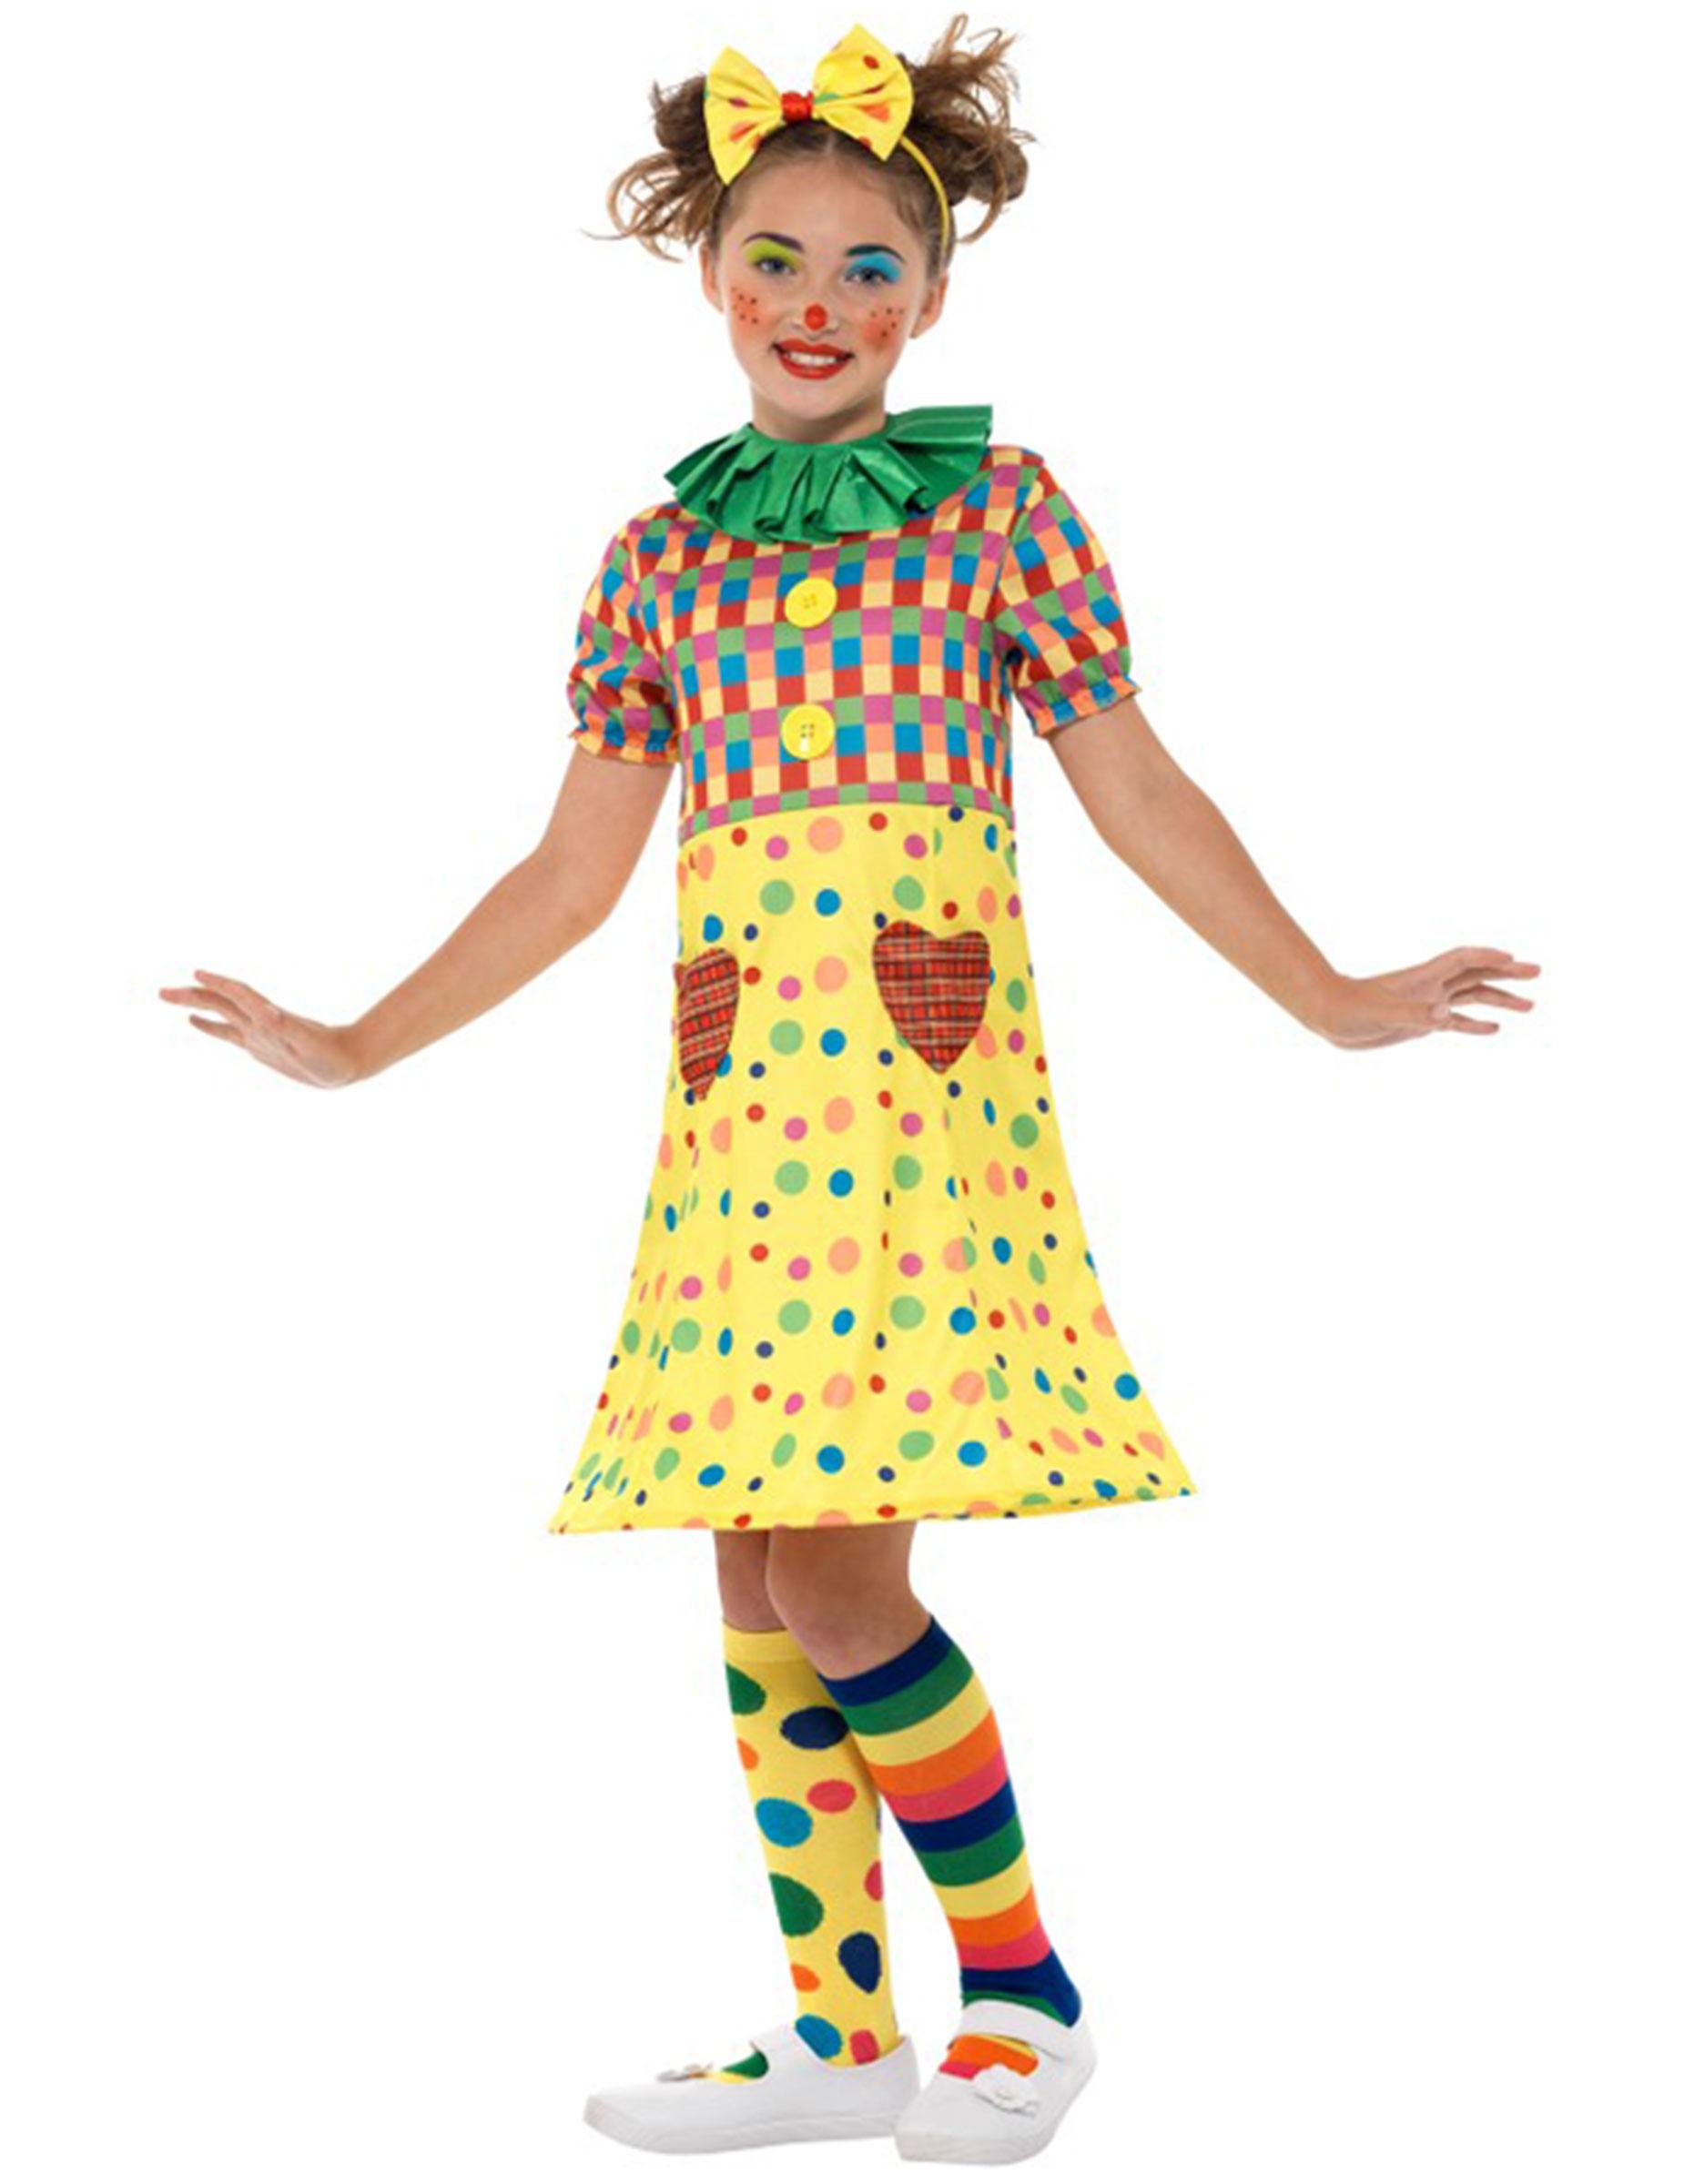 64a31aea347e4 Stilvolles Clownkostüm für Kinder Zirkus bunt: Kostüme für Kinder ...